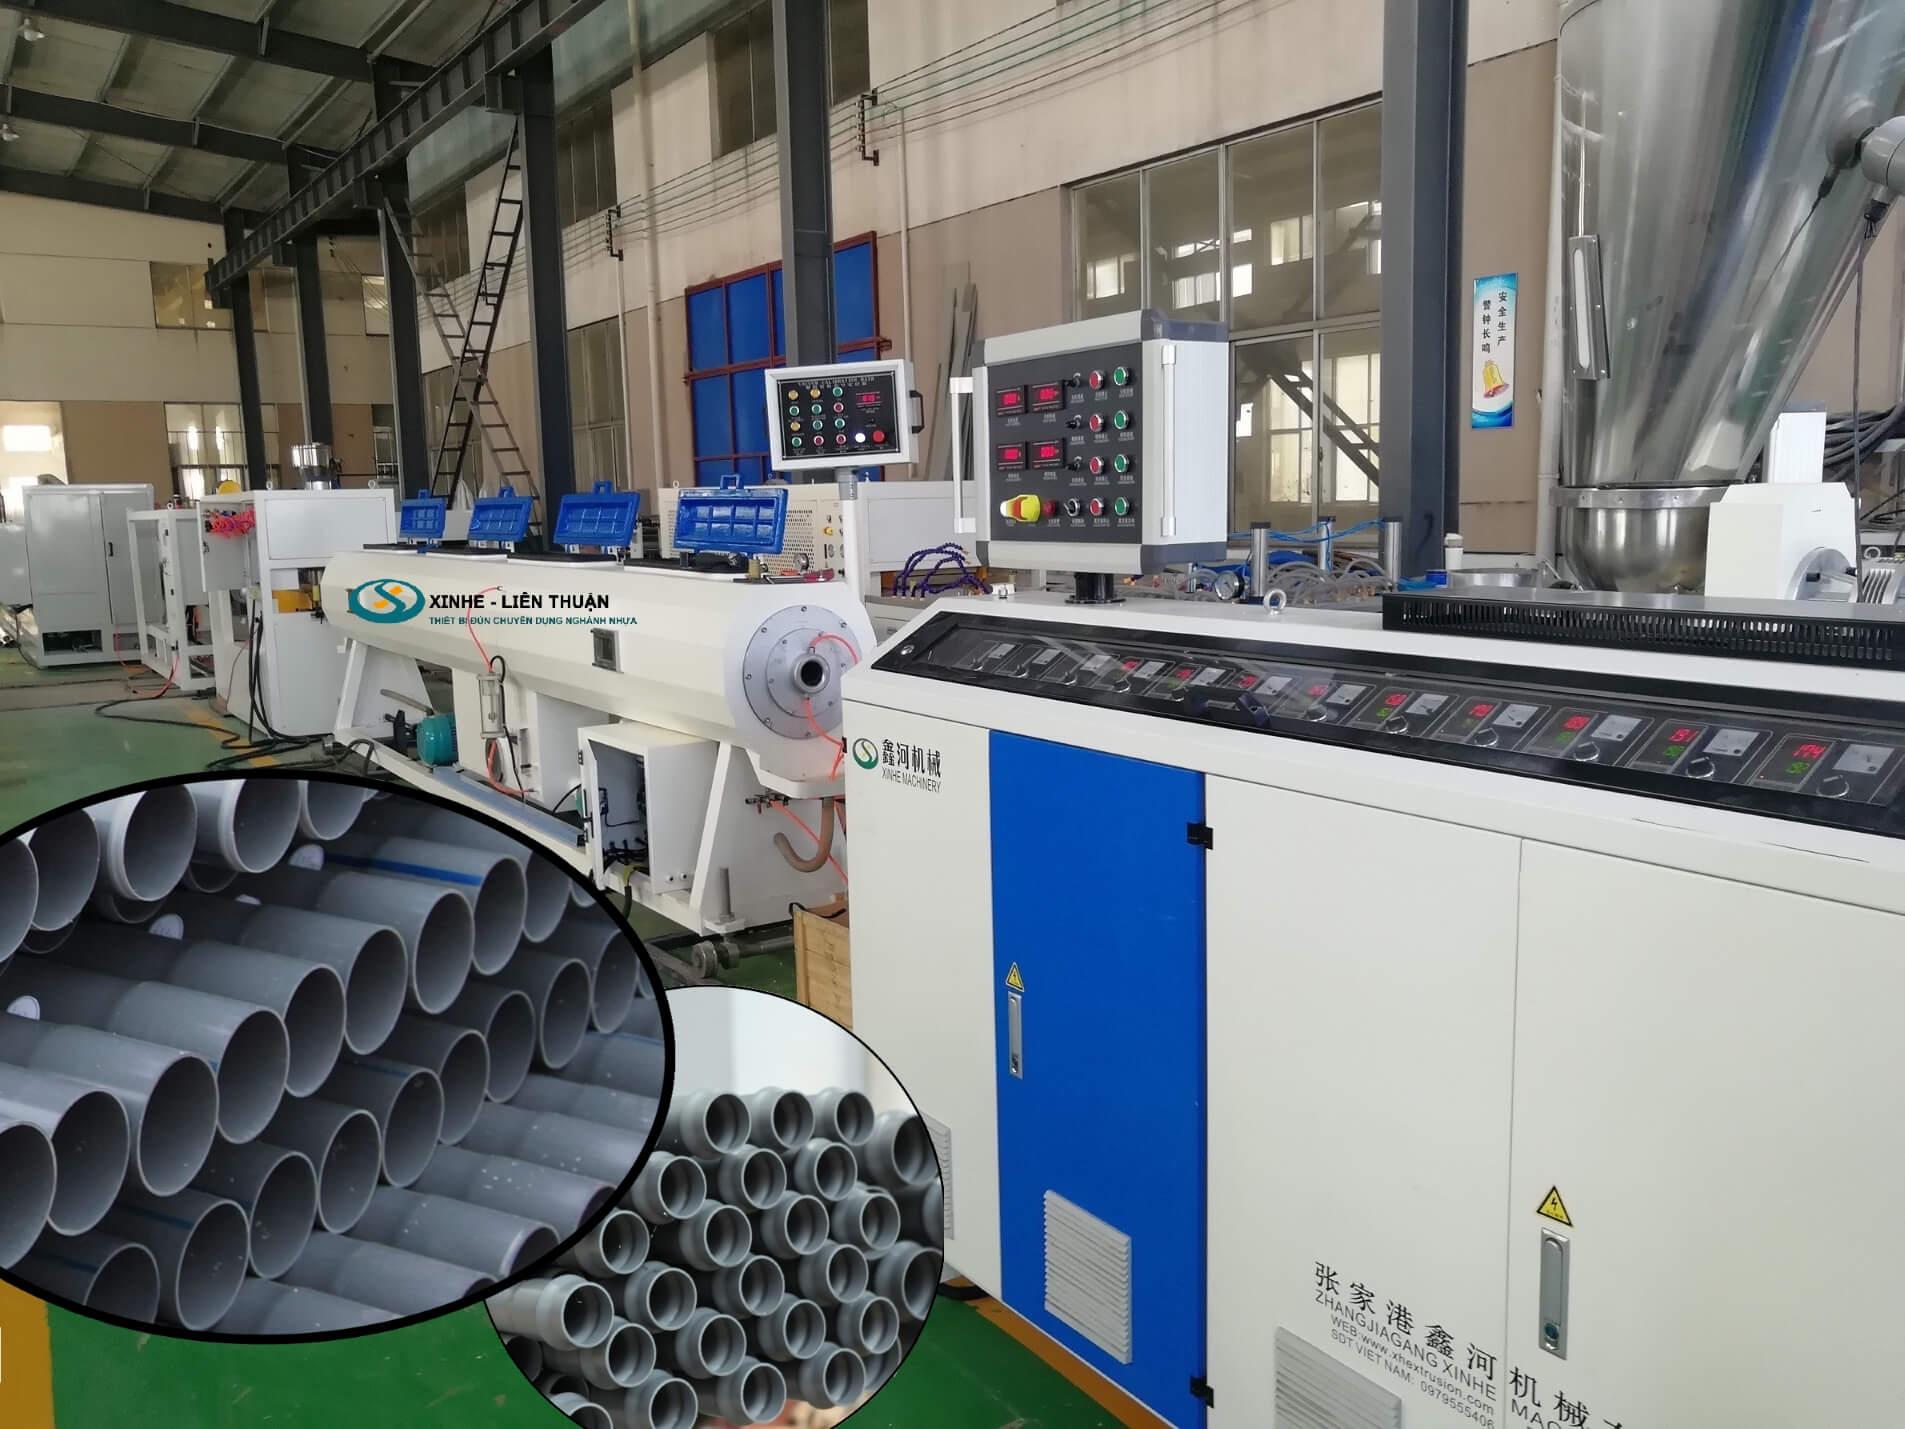 nguyên lý hoạt động máy sản xuất ống nhựa pvc